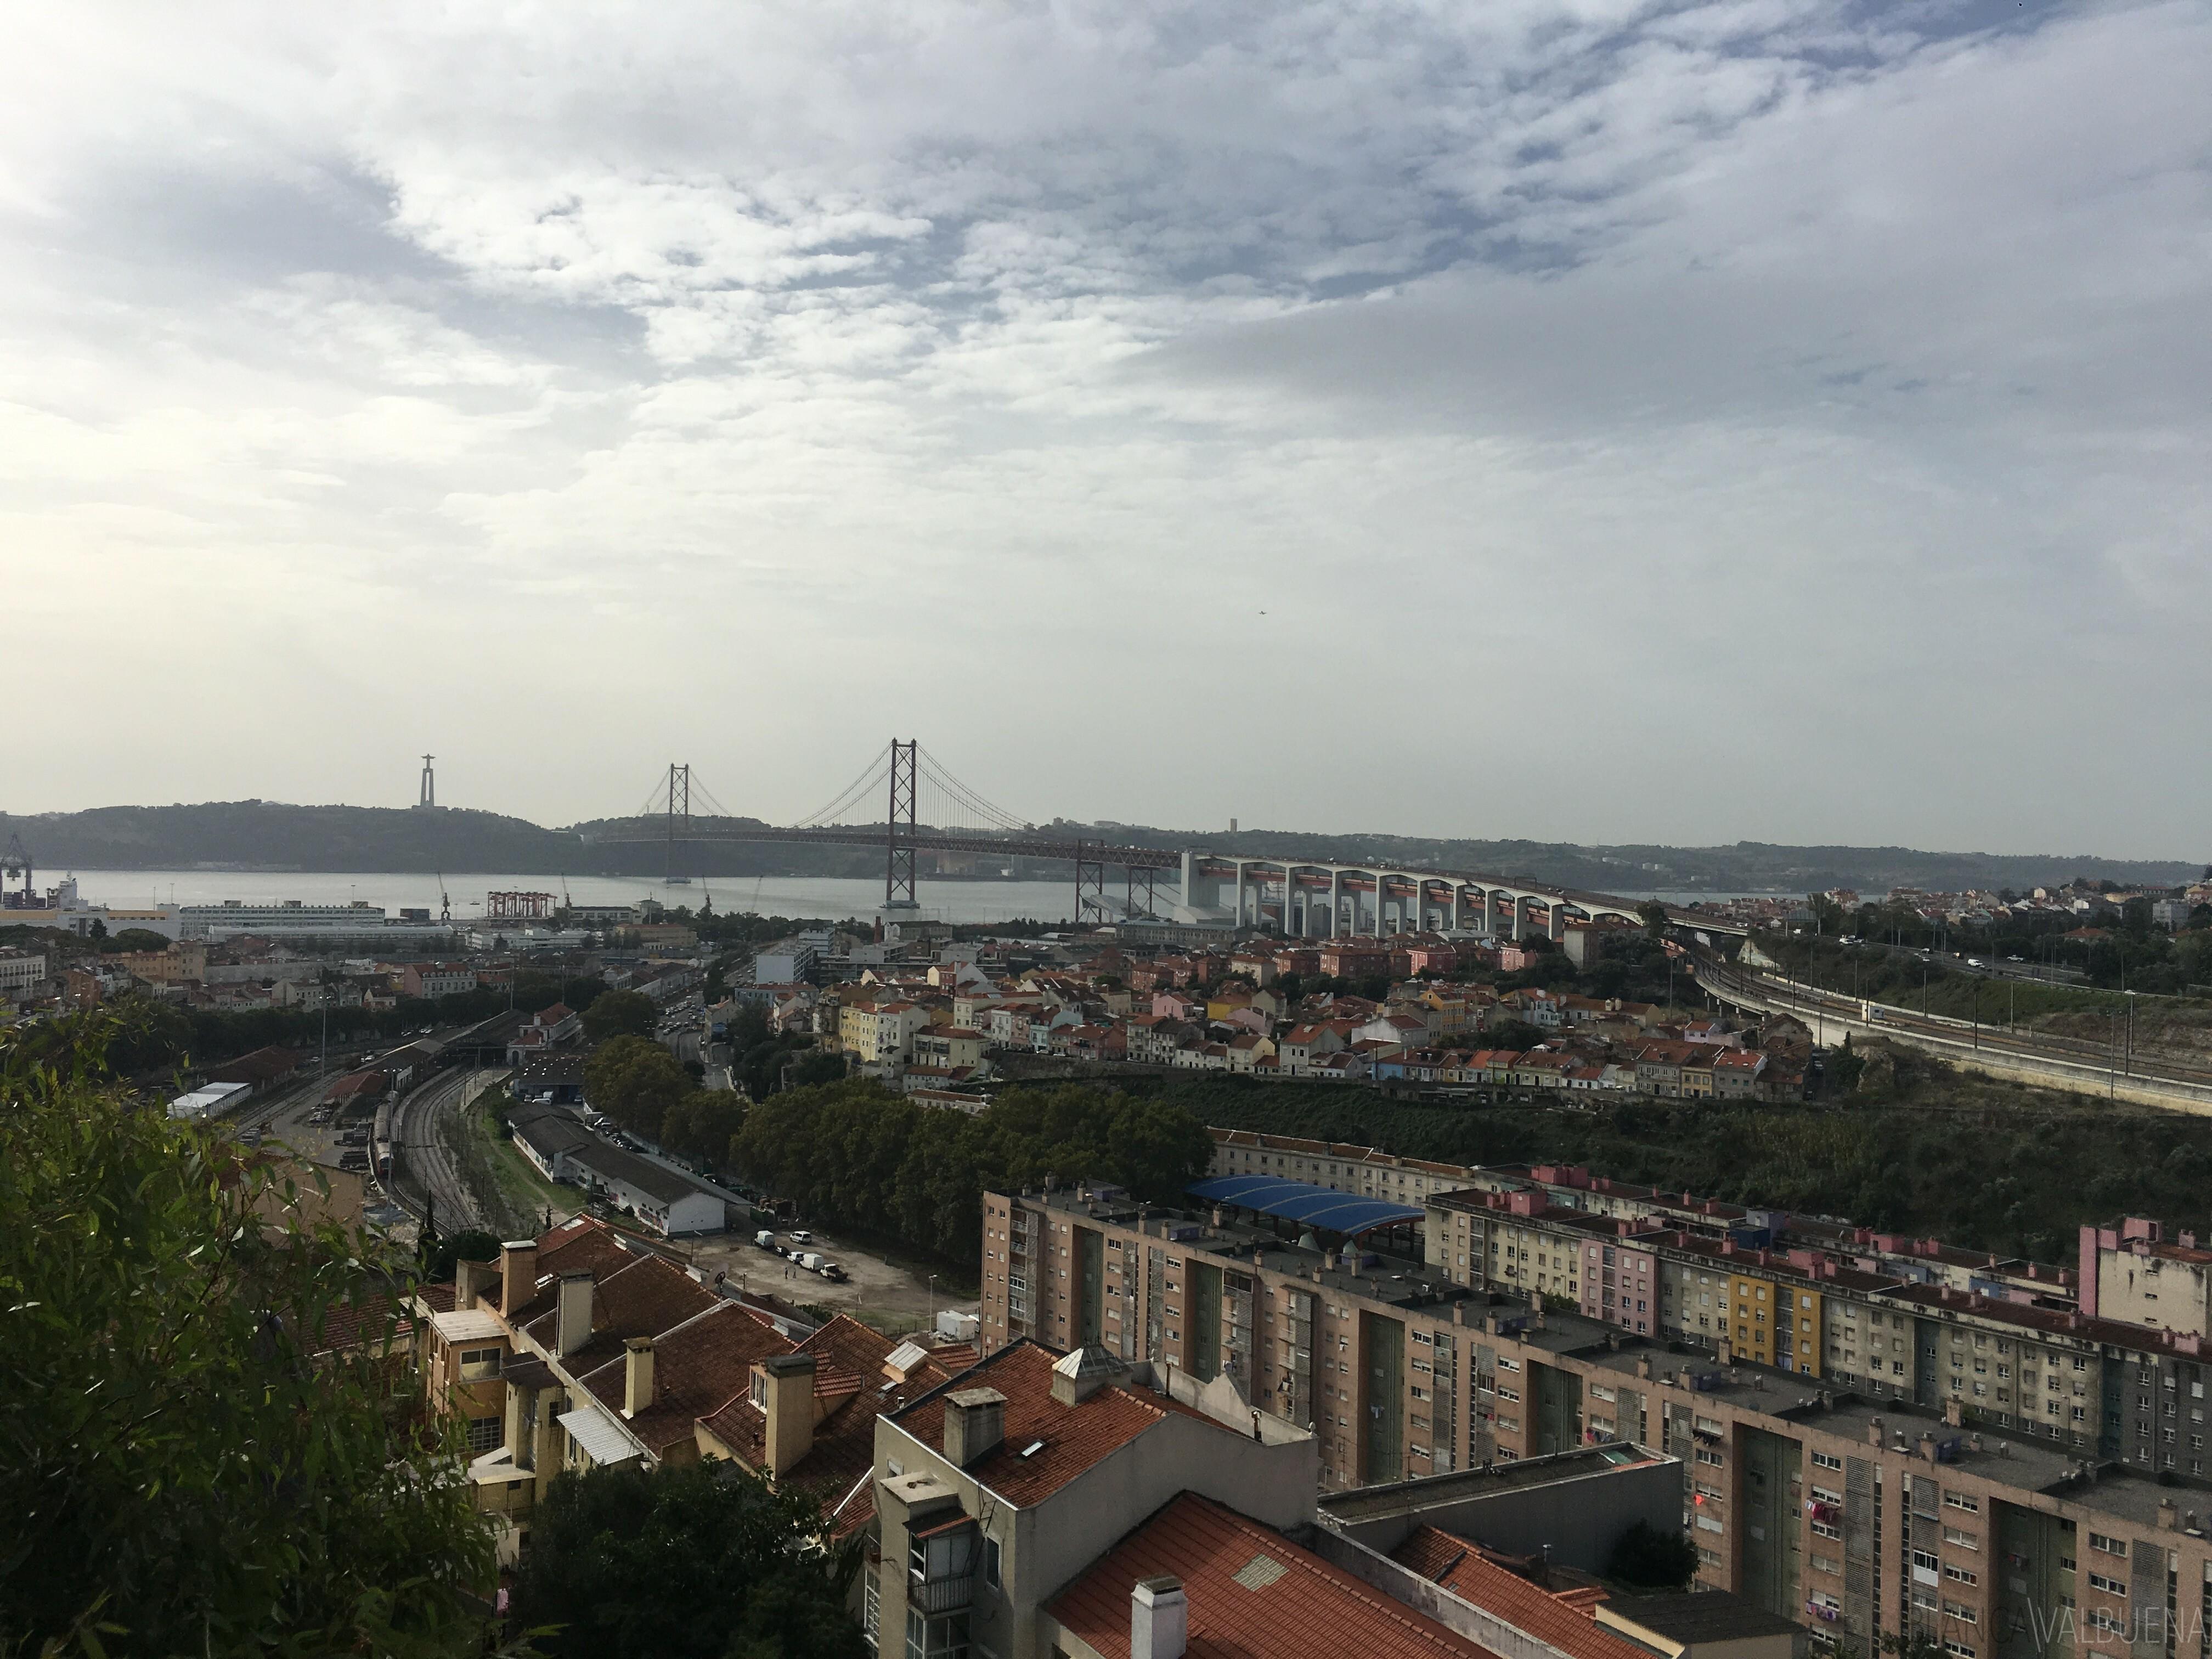 Cemitério dos Prazeres tem uma excelente vista de abril 25 Bridge